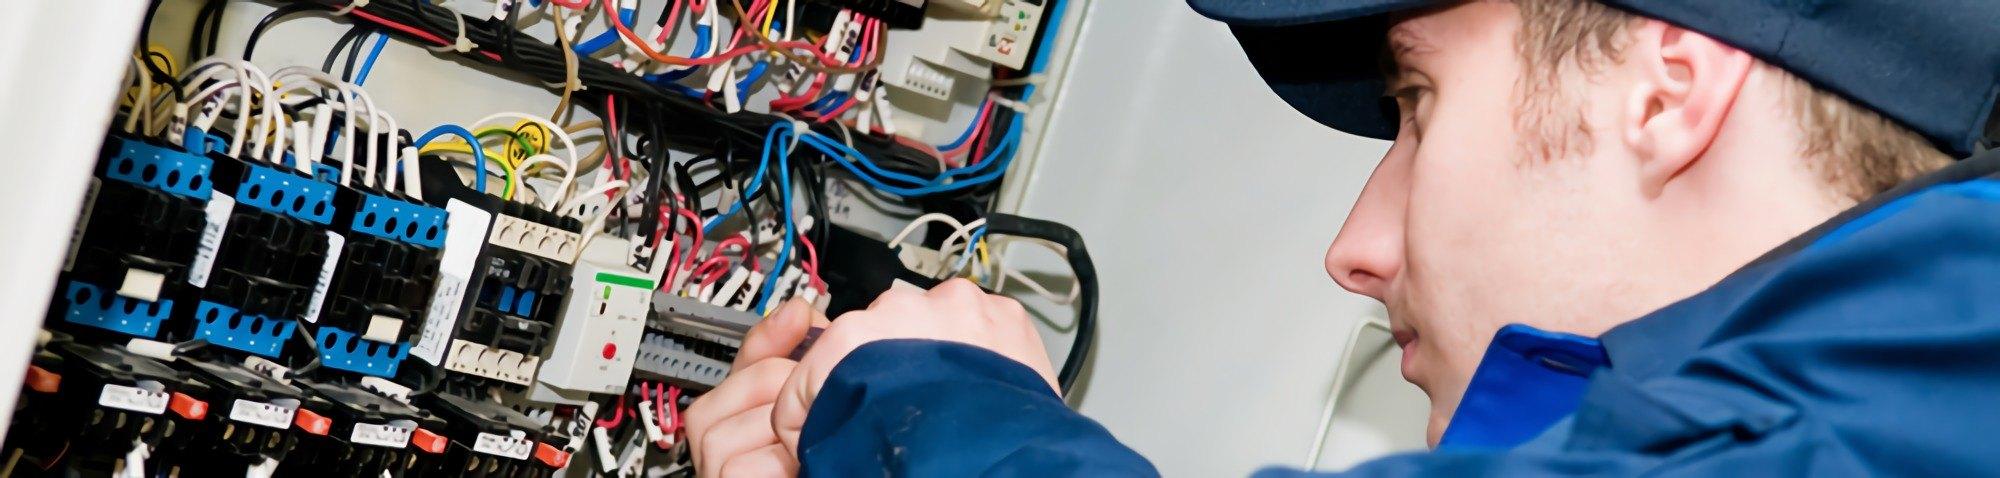 Electro-Mechanical Technician training